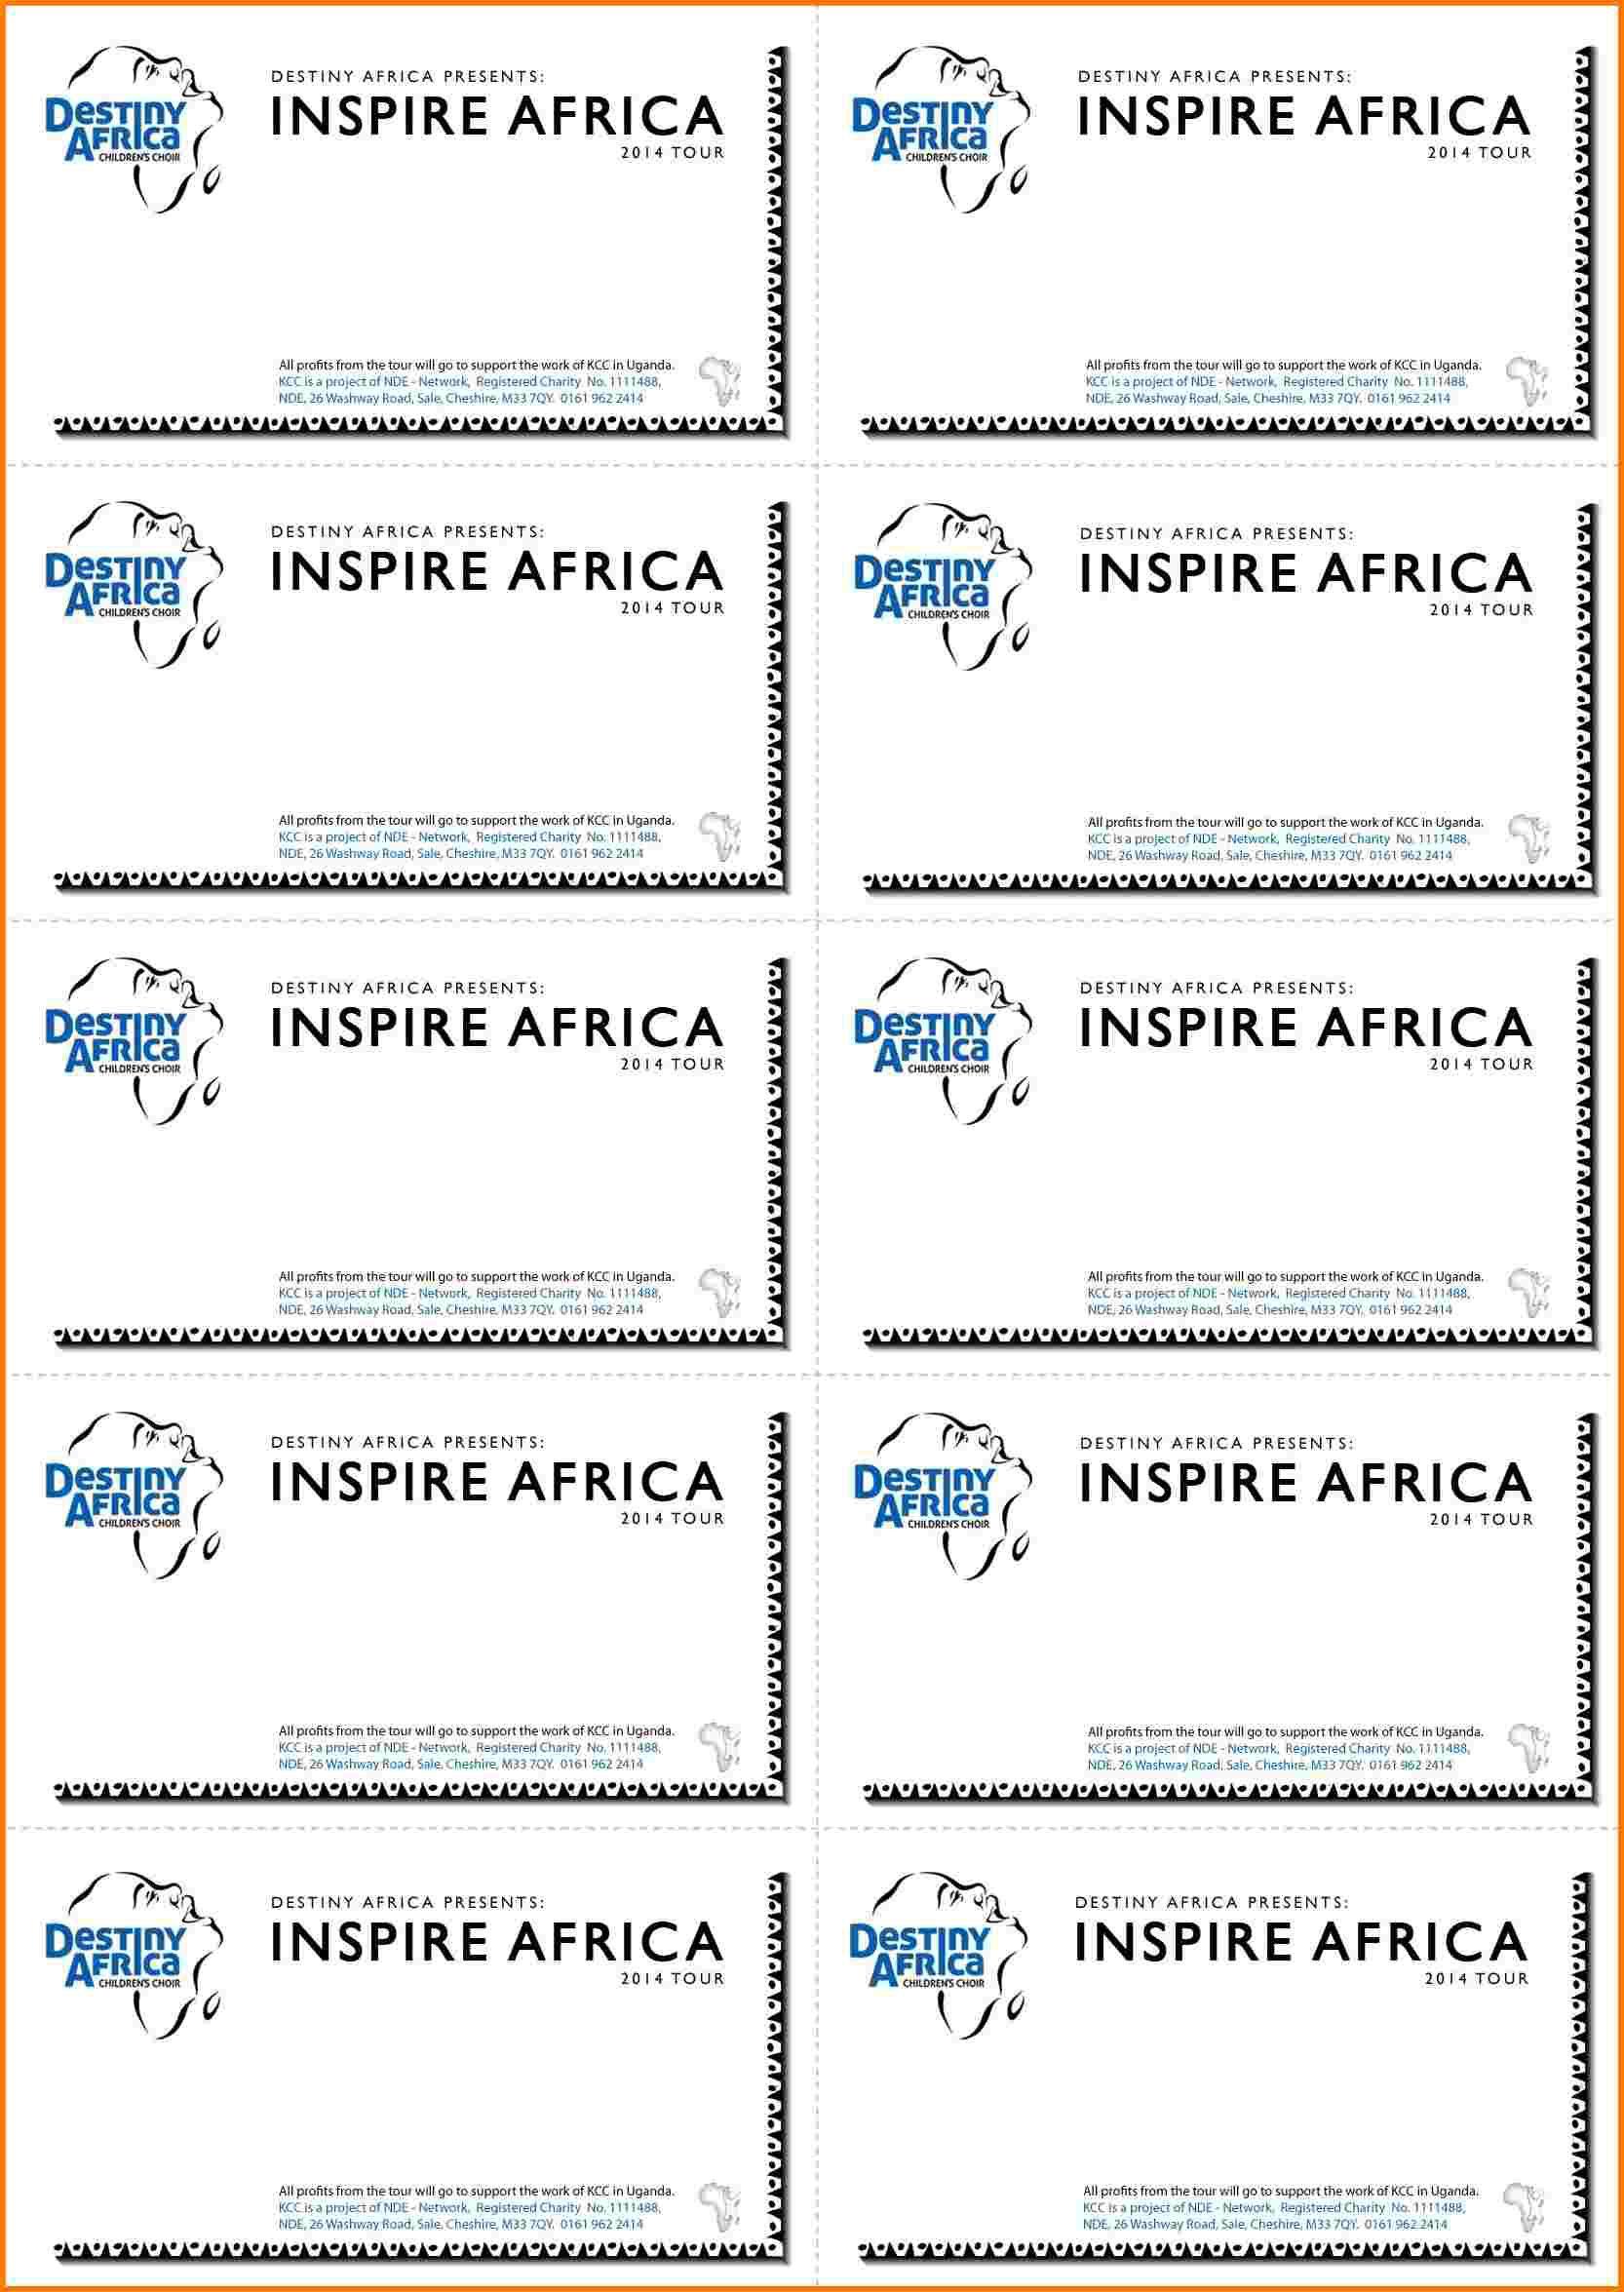 002 Wonderful Word Raffle Ticket Template Idea  2010 Free Printable MicrosoftFull